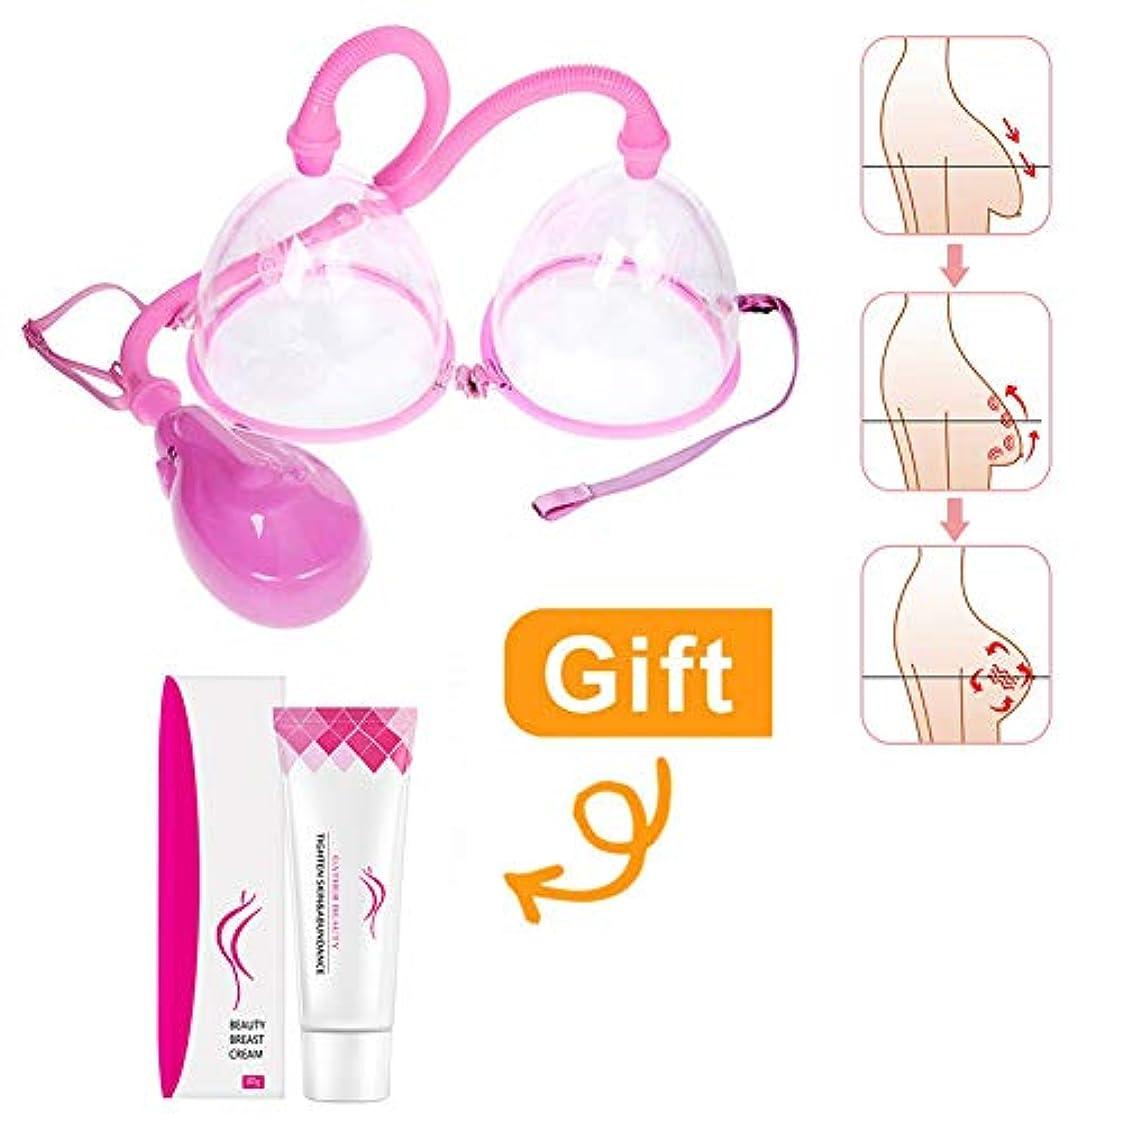 見積り水没矢じり電気胸部マッサージ器は乳房増強器具胸の拡大クリームを持つ女性のための拡大女性胸カップ,L